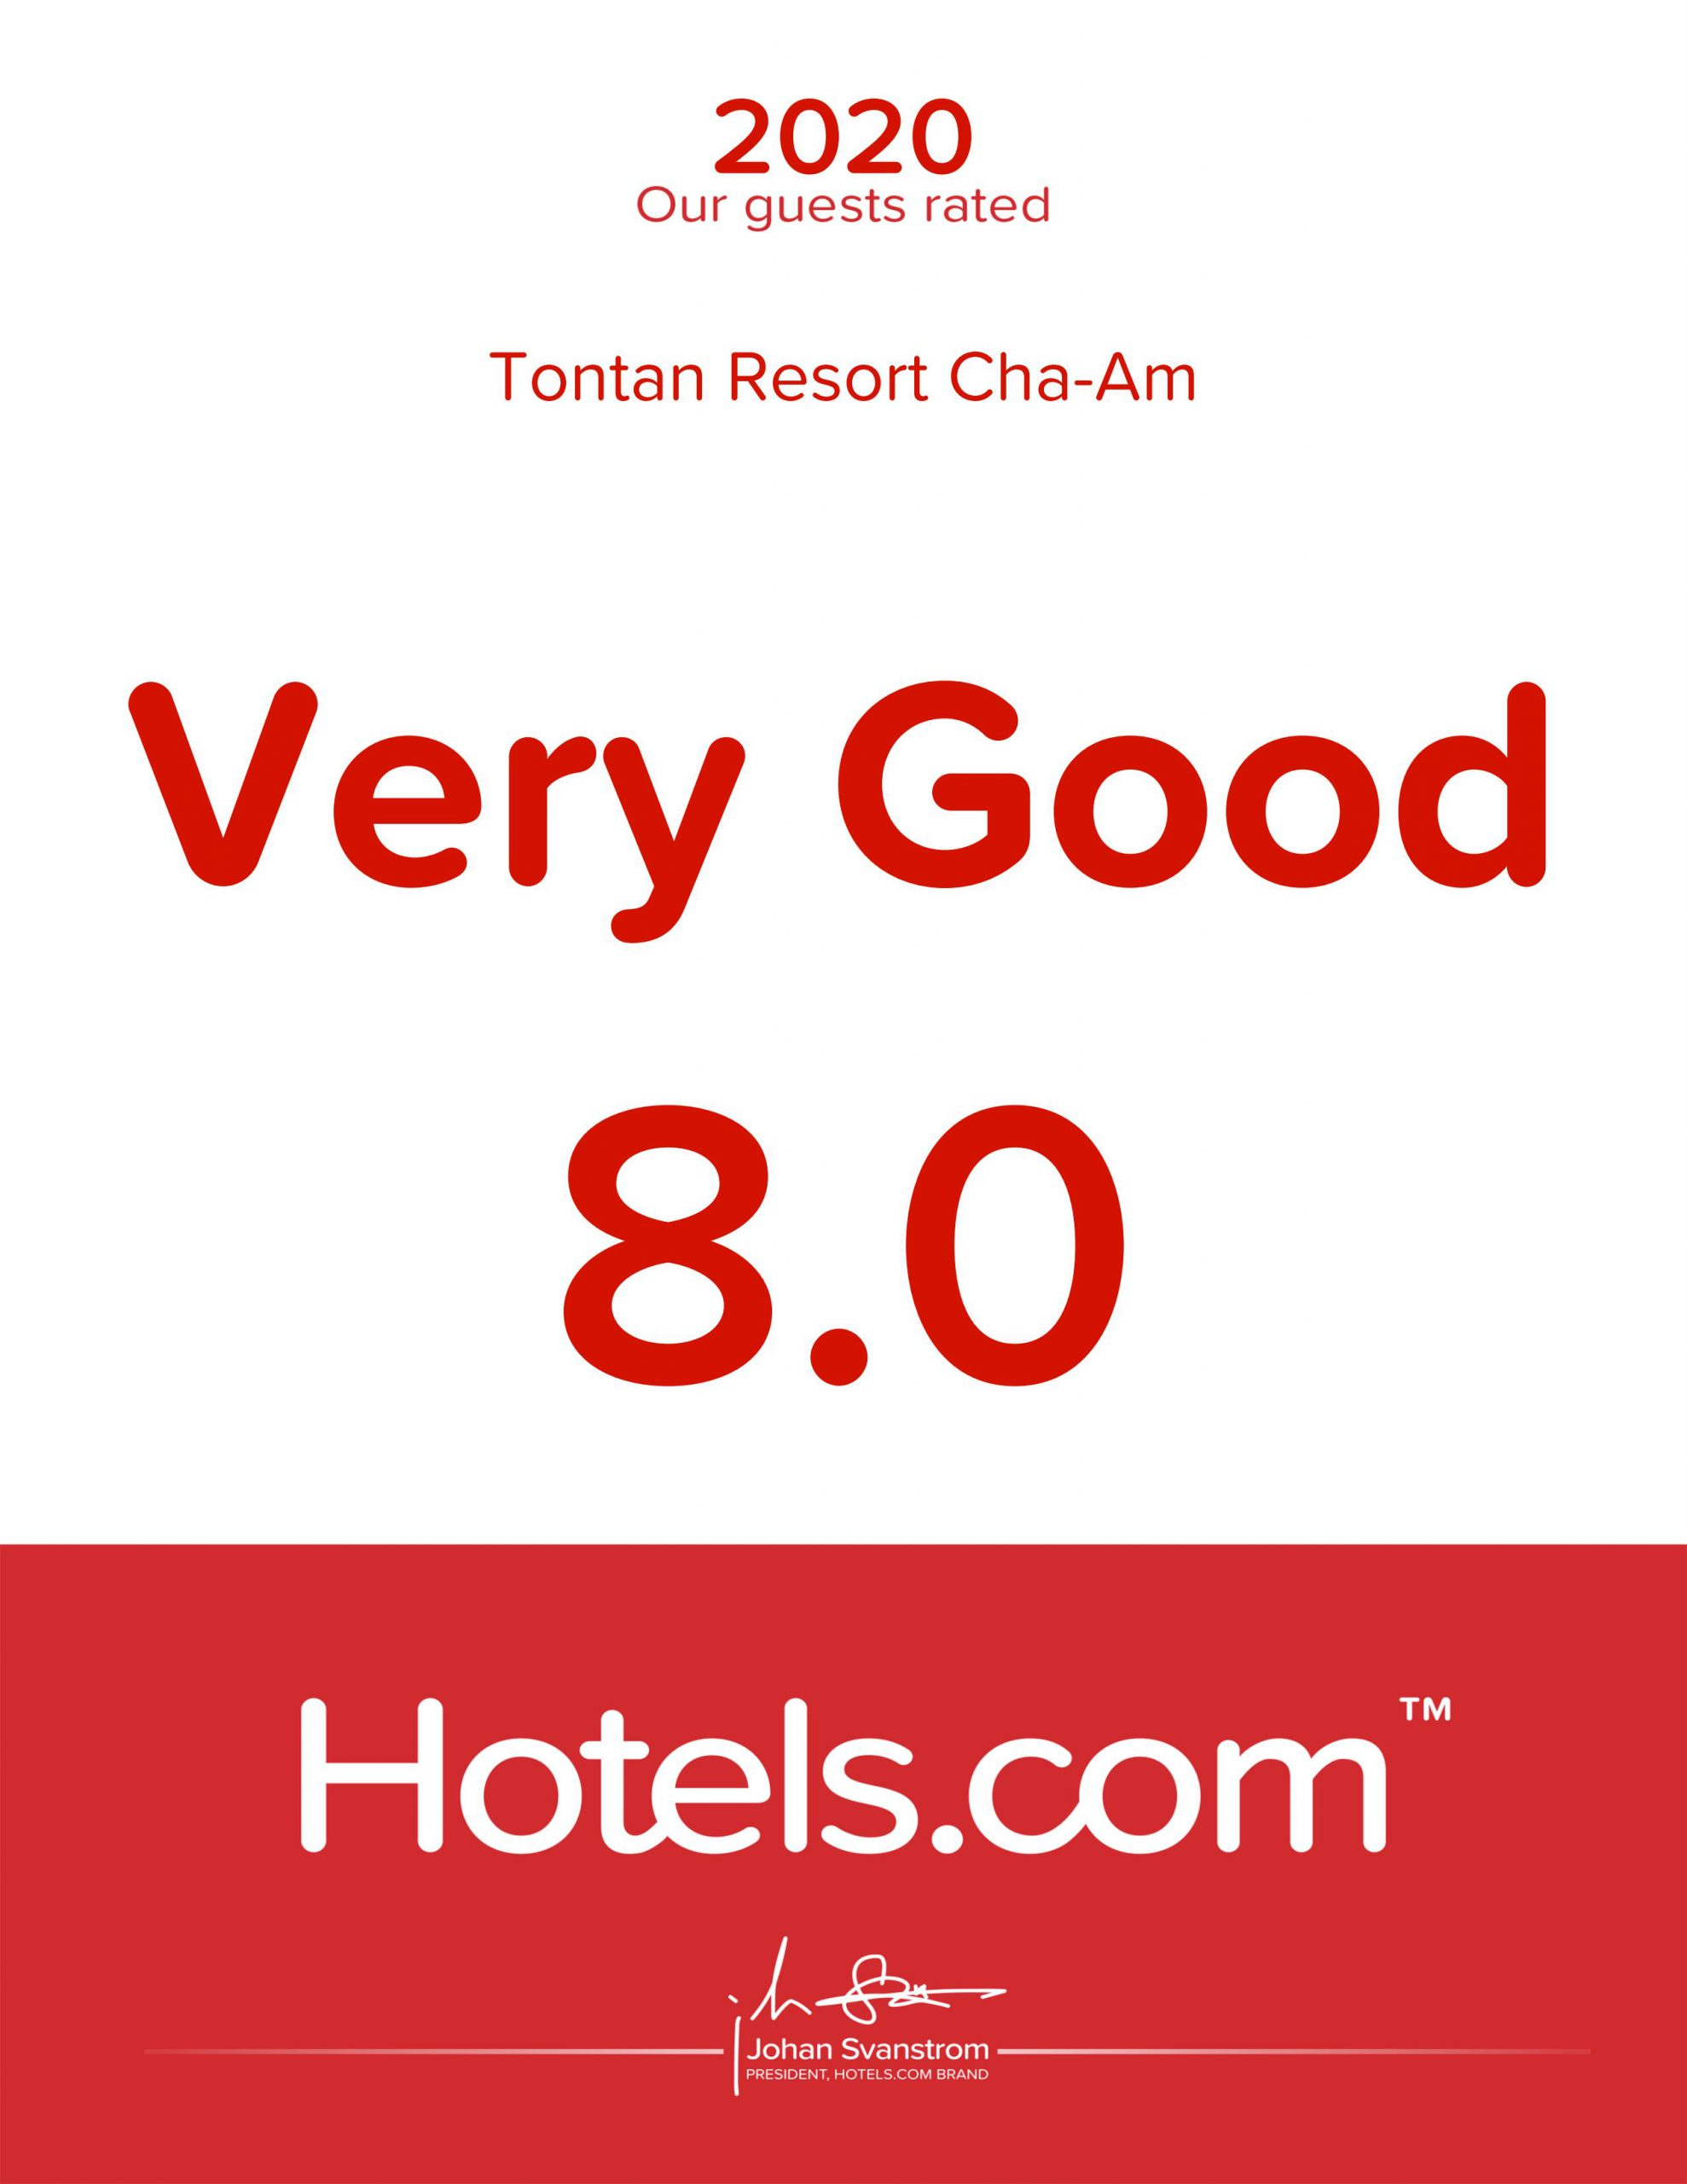 Tontan Resort Cha-am - Hotels.com Guest Review 2020